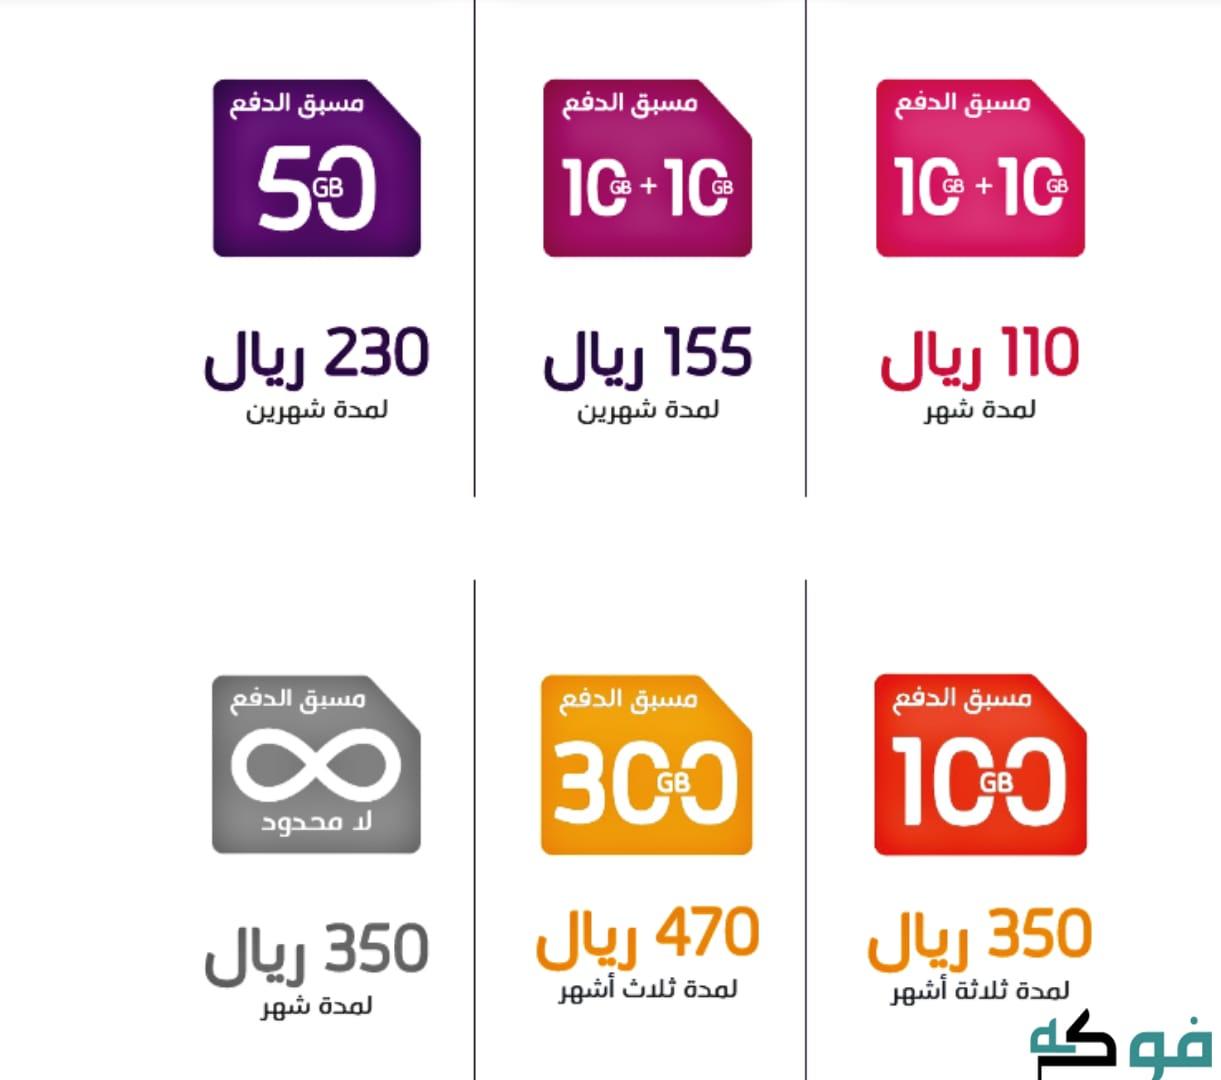 كيفية شحن بيانات زين   باقات وعروض الجوال والانترنت 2020 خدمات زين السعودية